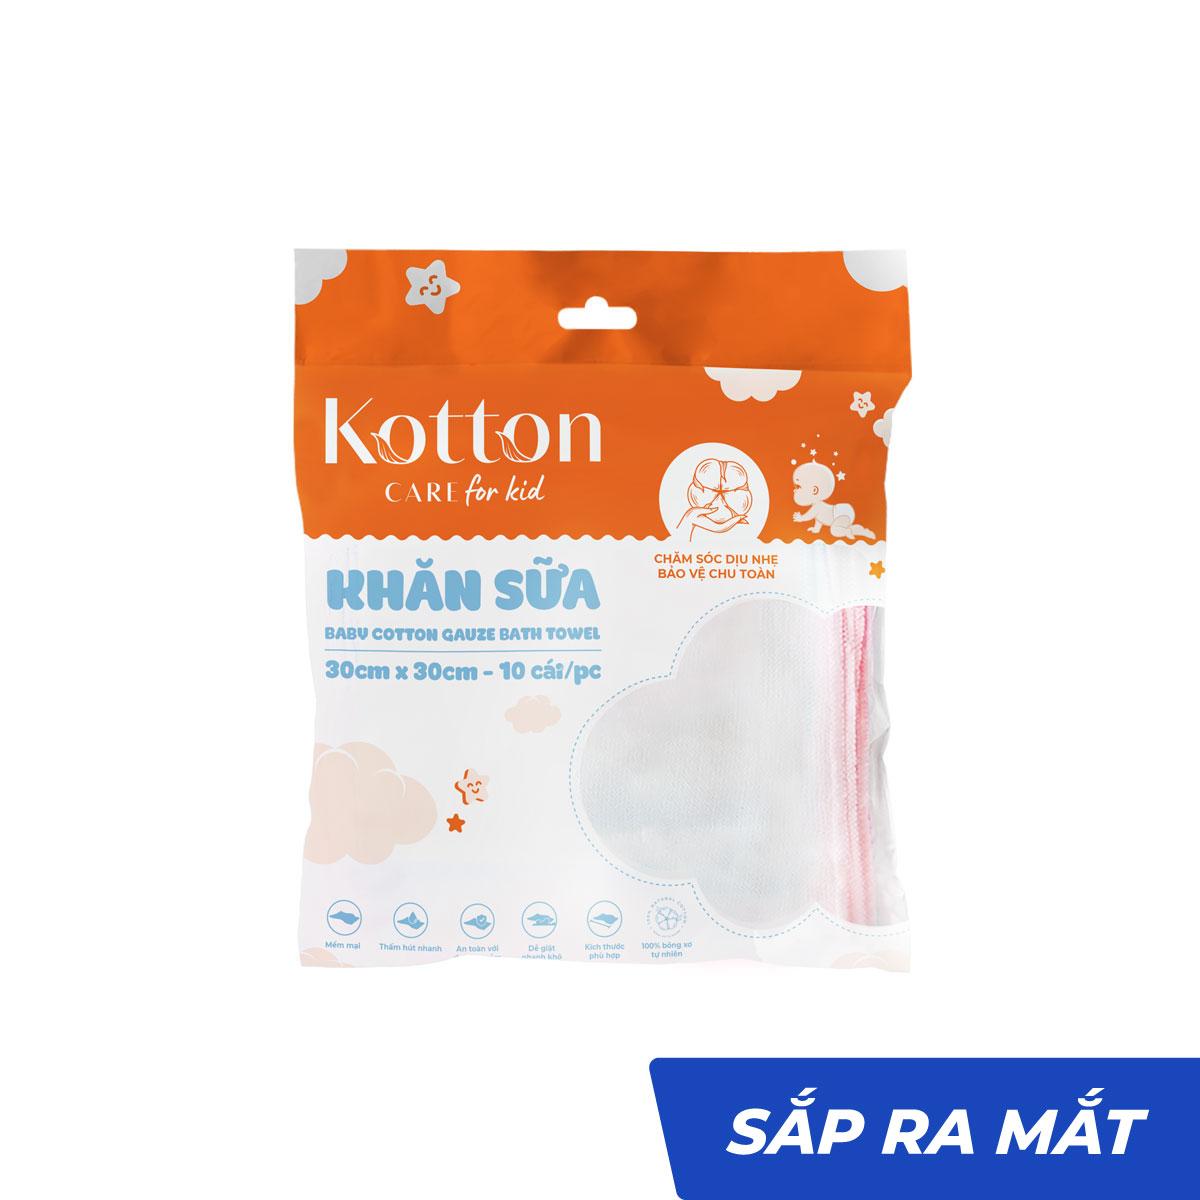 Khăn sữa cotton 2 lớp viền hồng không xù lông - Kotton Care for Kid